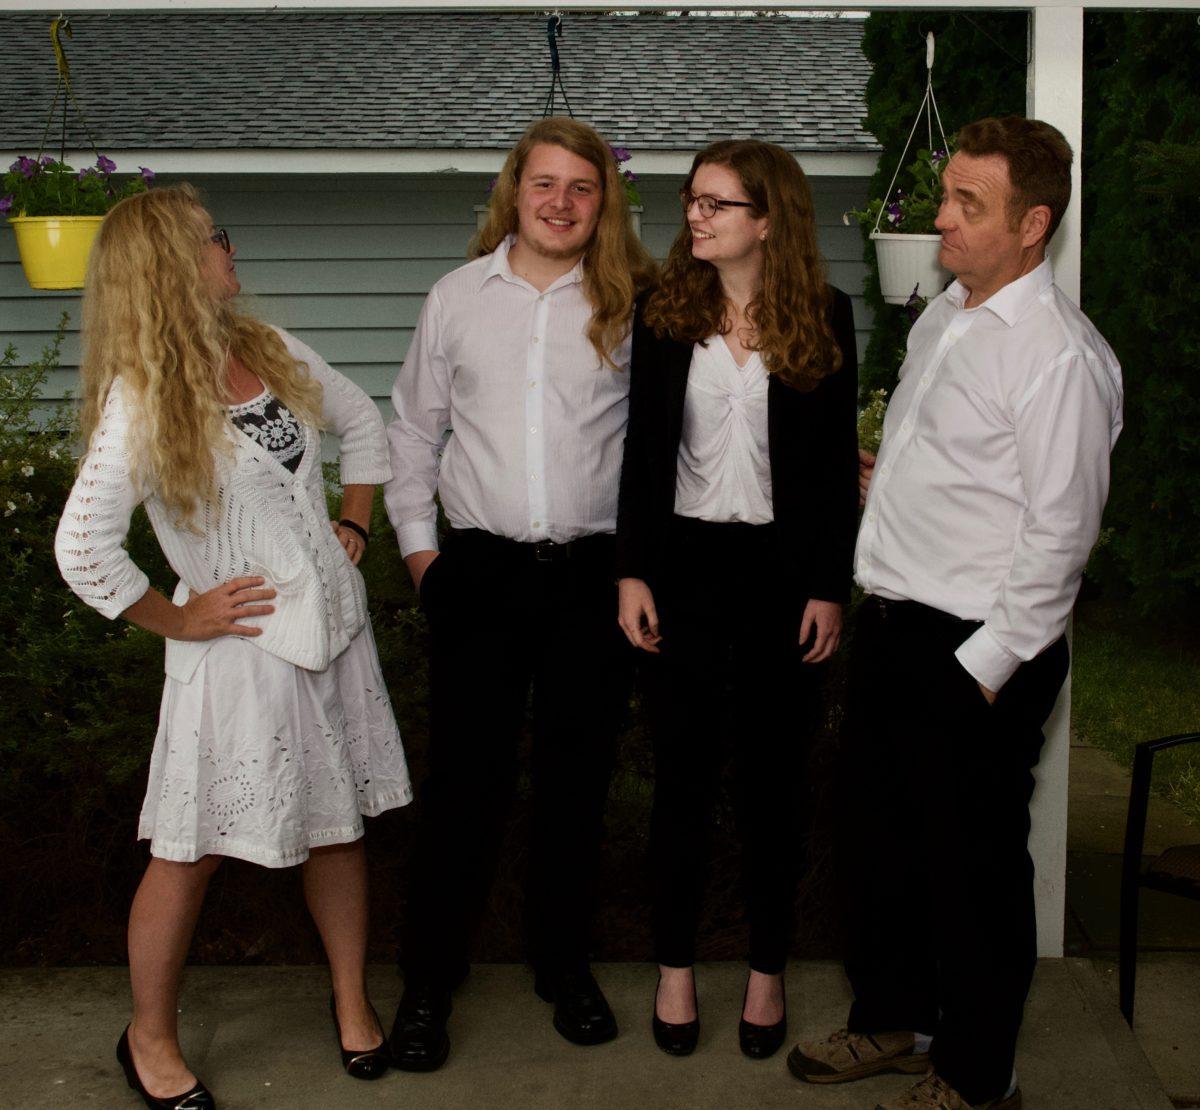 Happy Family Day Alberta!